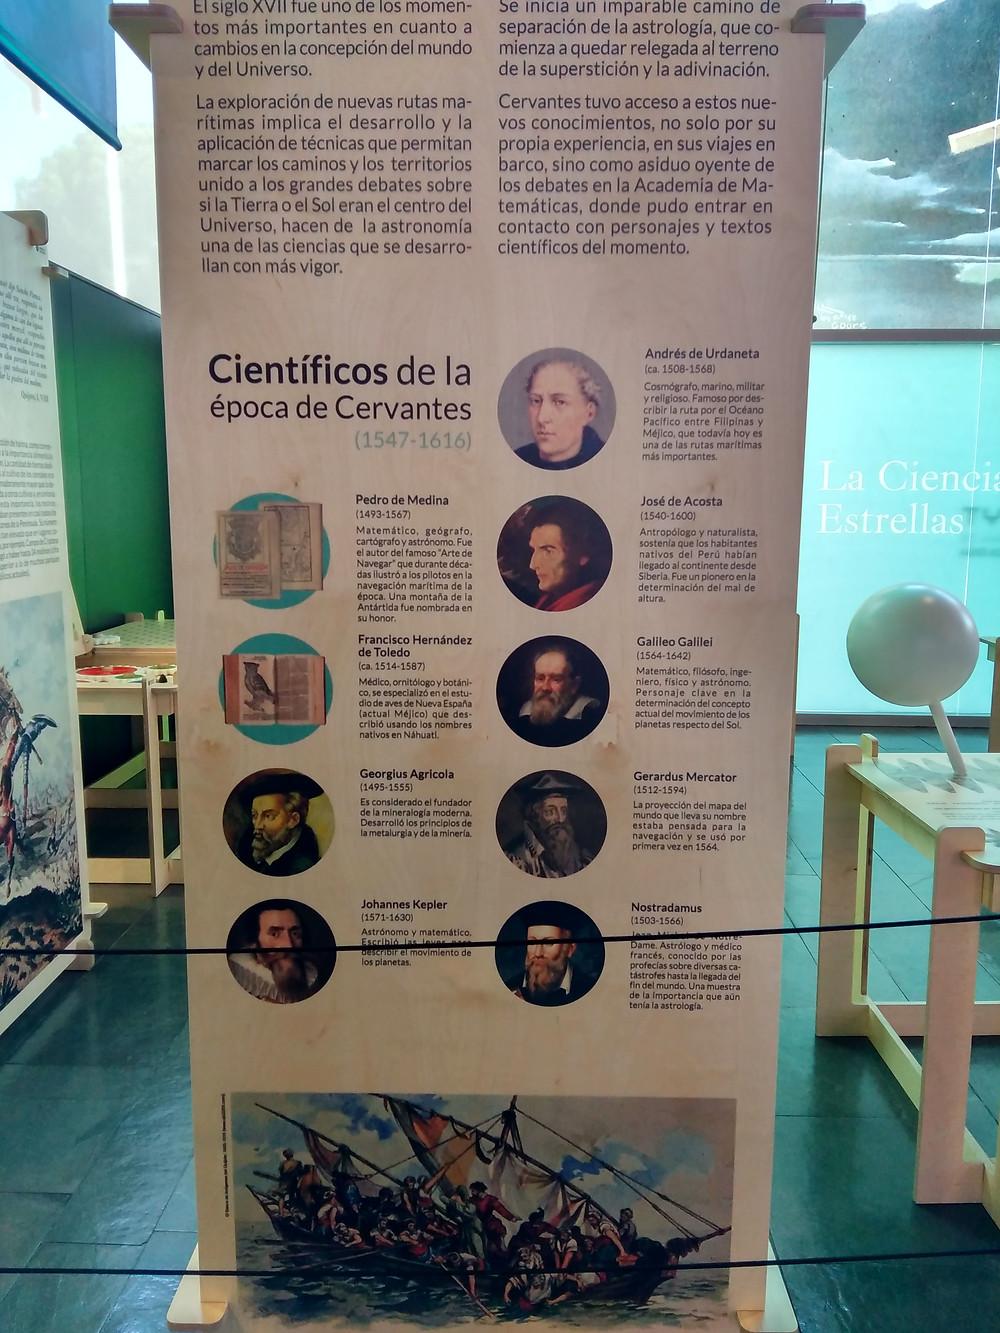 Cervantes, Tratar el Universo Todo, exposición pedagógica. Museo Nacional de Ciencia y Tecnología de Alcobendas. Madrid.